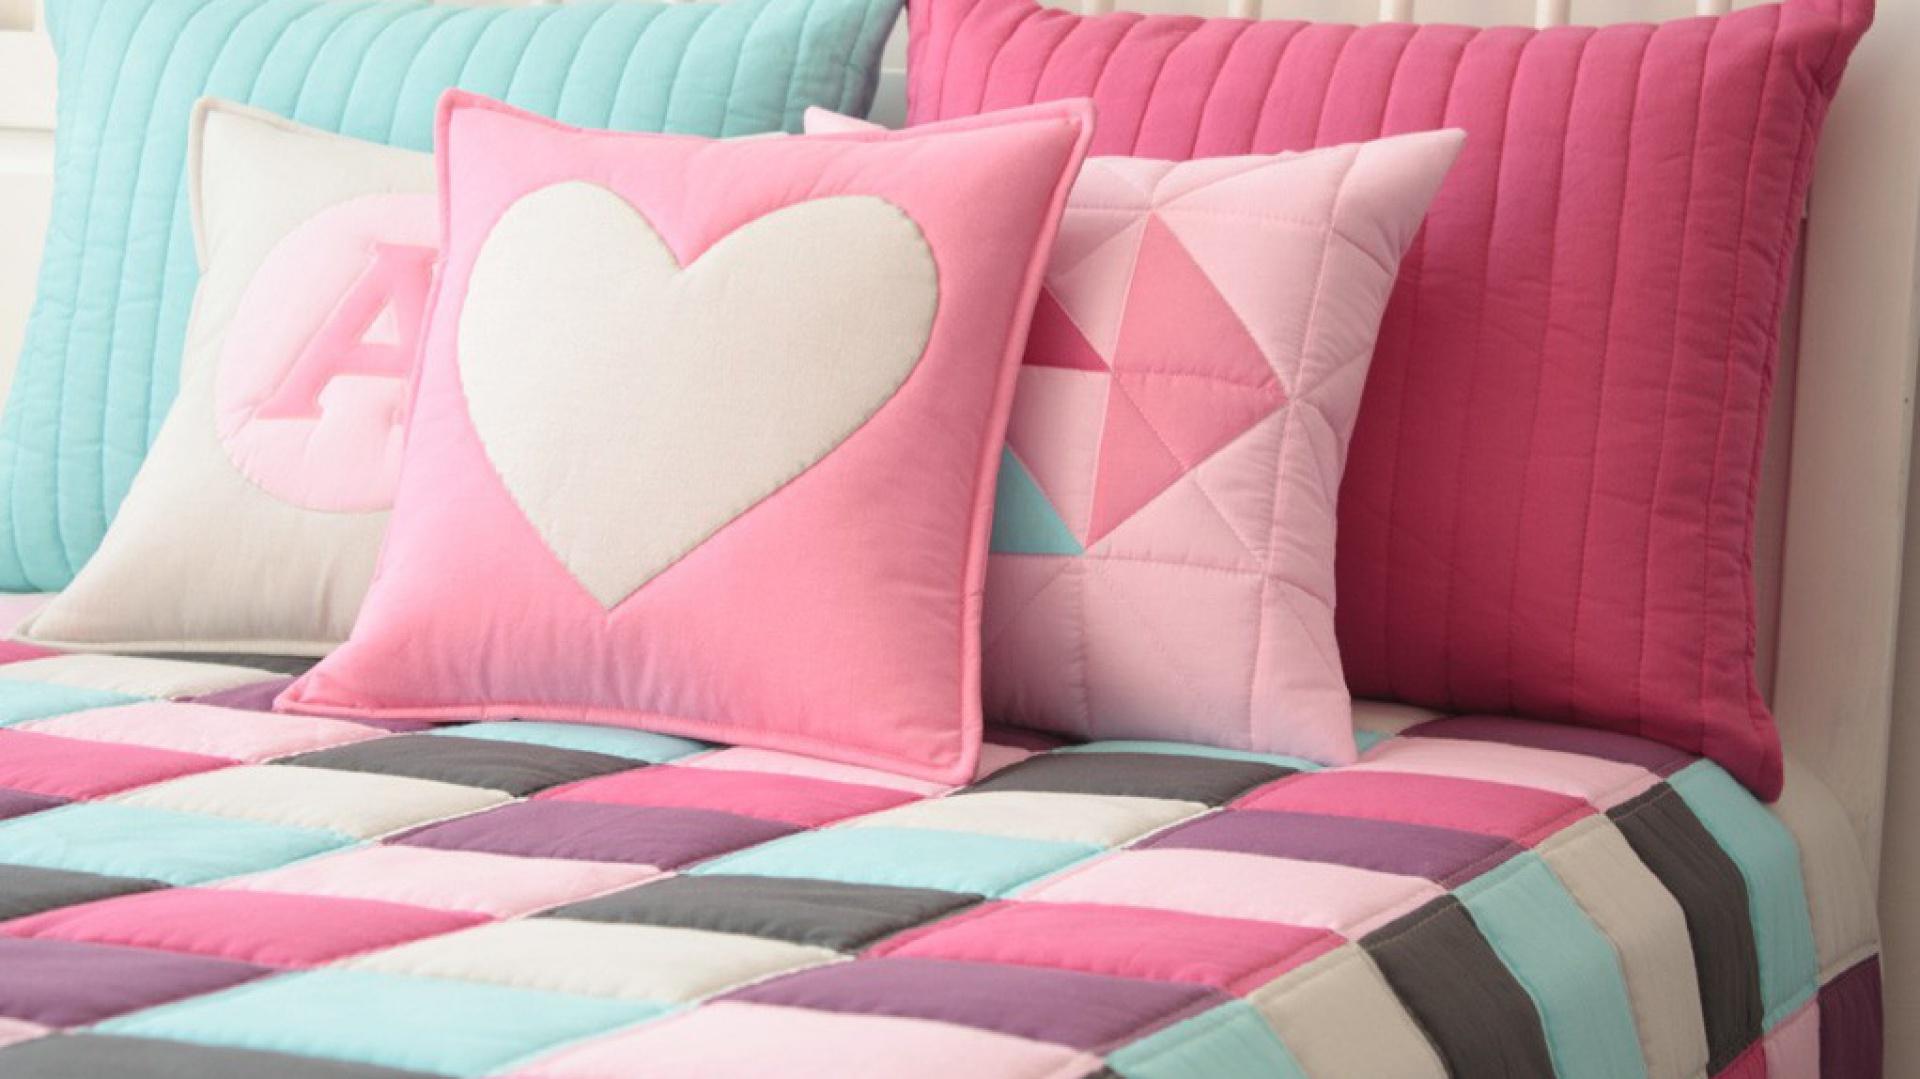 Pastelowe zestawienie barw to doskonały pomysł na delikatny, kolorowy akcent w sypialni. Fot. Patchwork House/Pakamera.